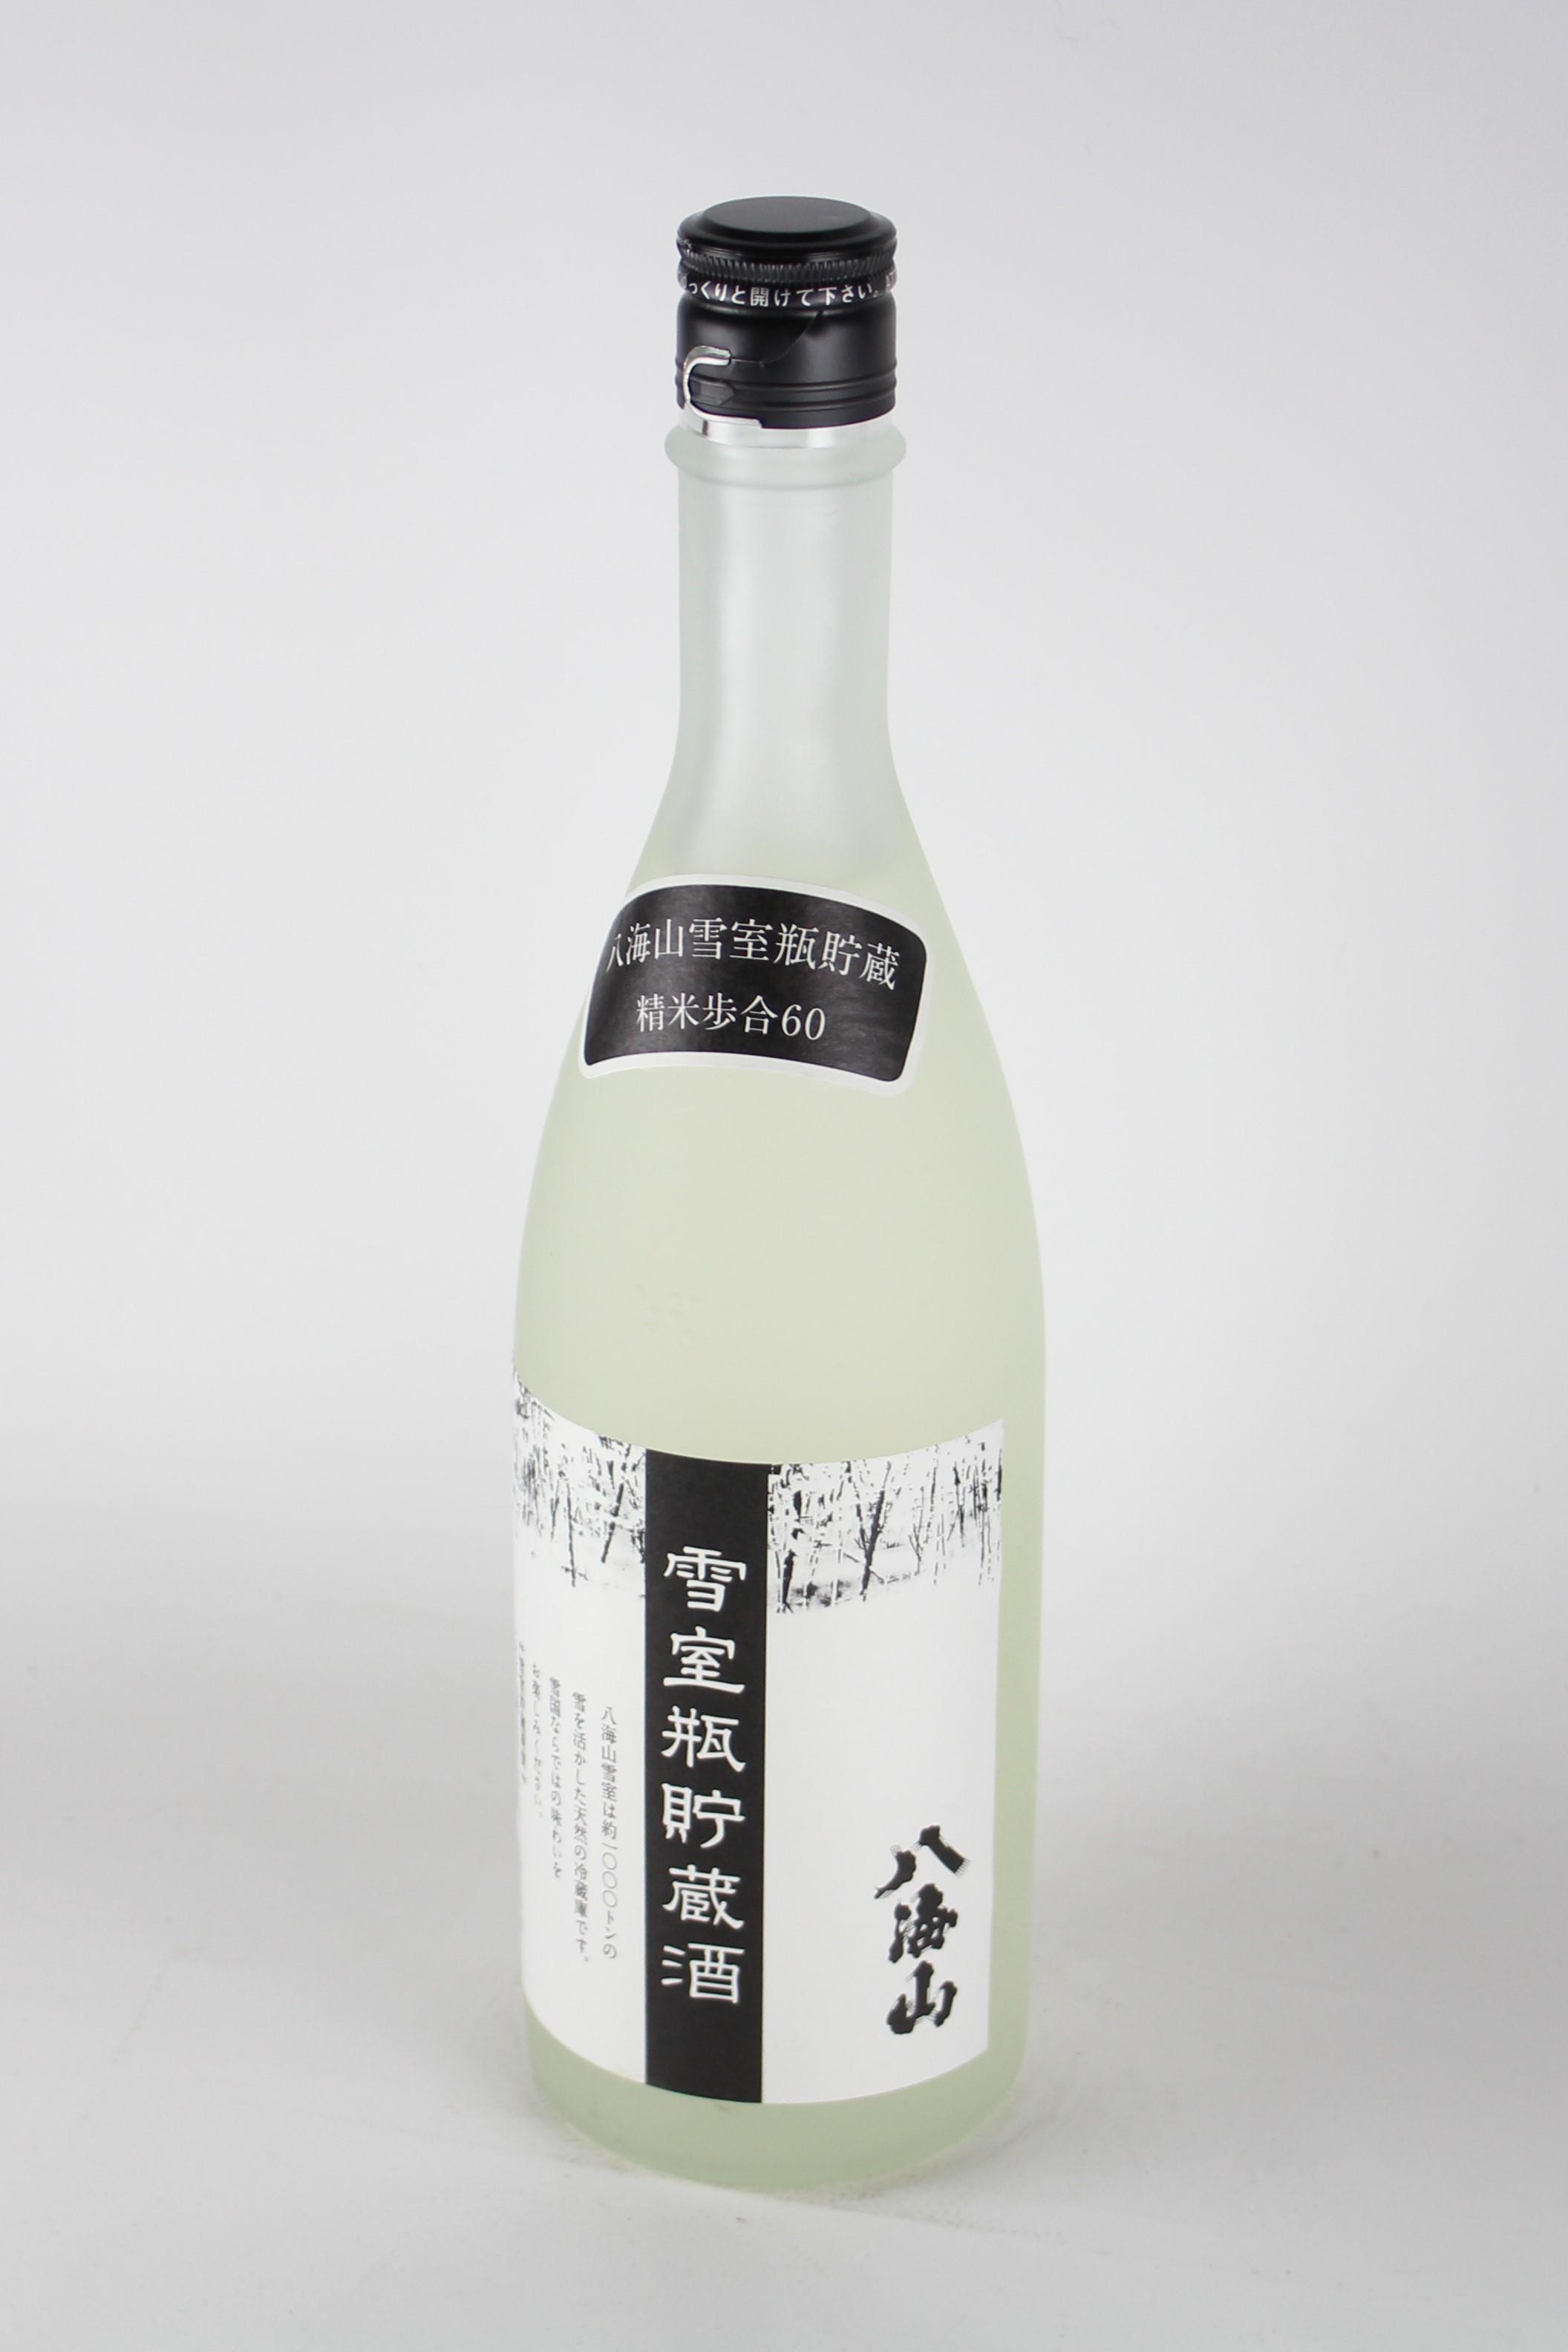 八海山 雪室貯蔵酒 720ml 【新潟/八海醸造】